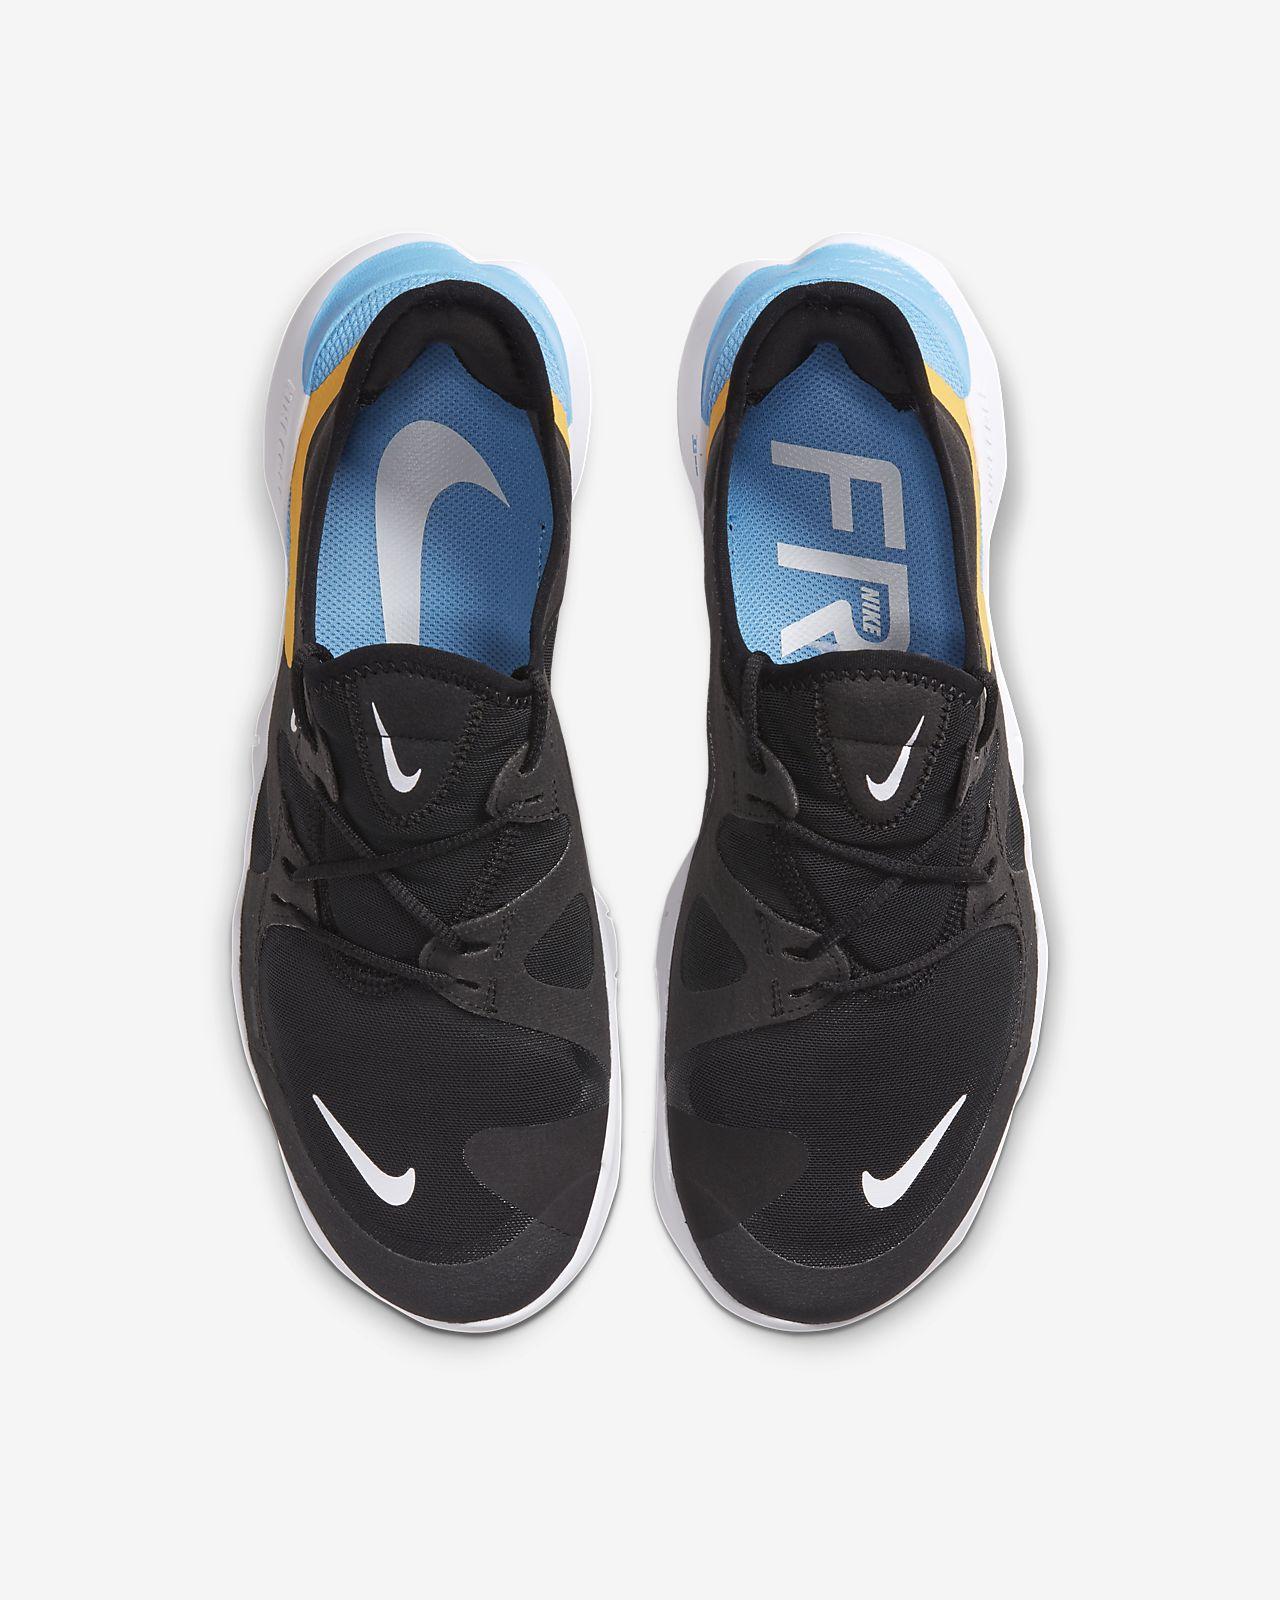 Laufschuh Free 5 Herren Nike RN 0 iTXZkuOP